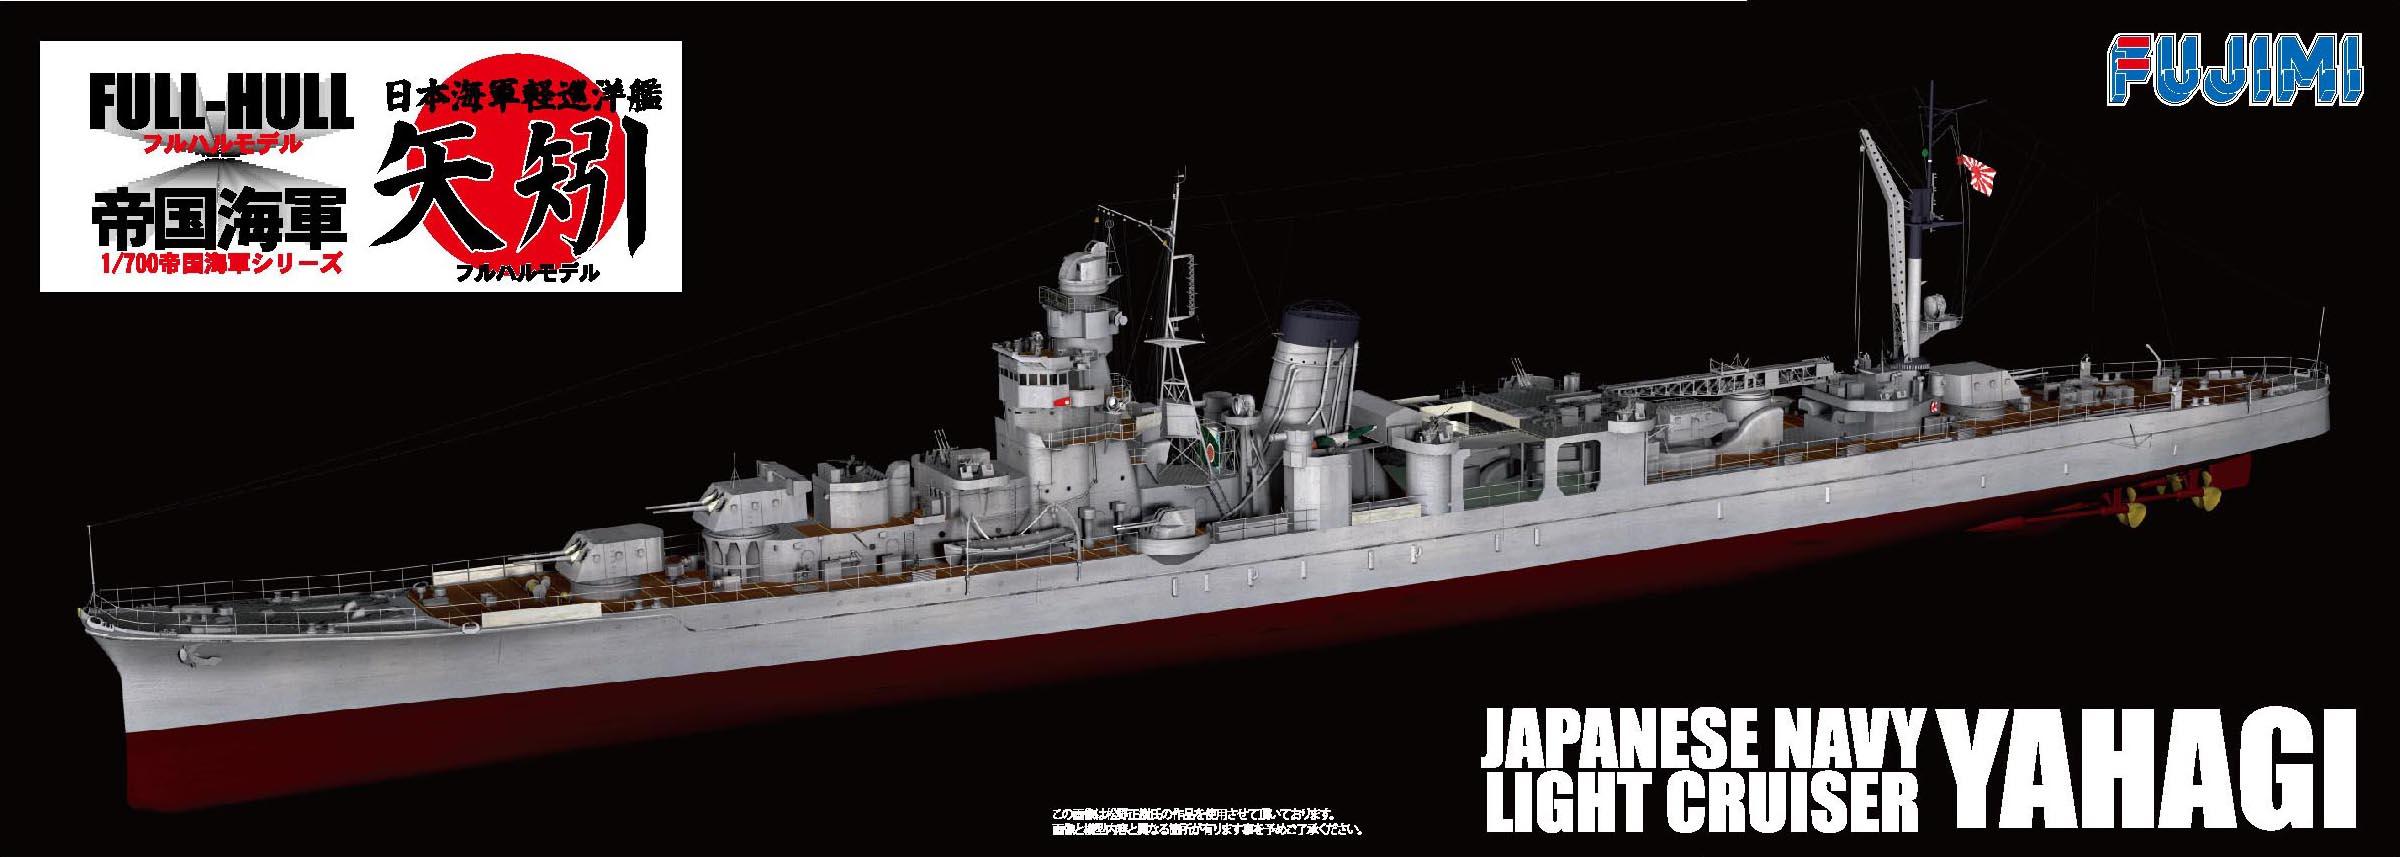 Fujimi IJN Light Cruiser Yahagi Full Hull Model